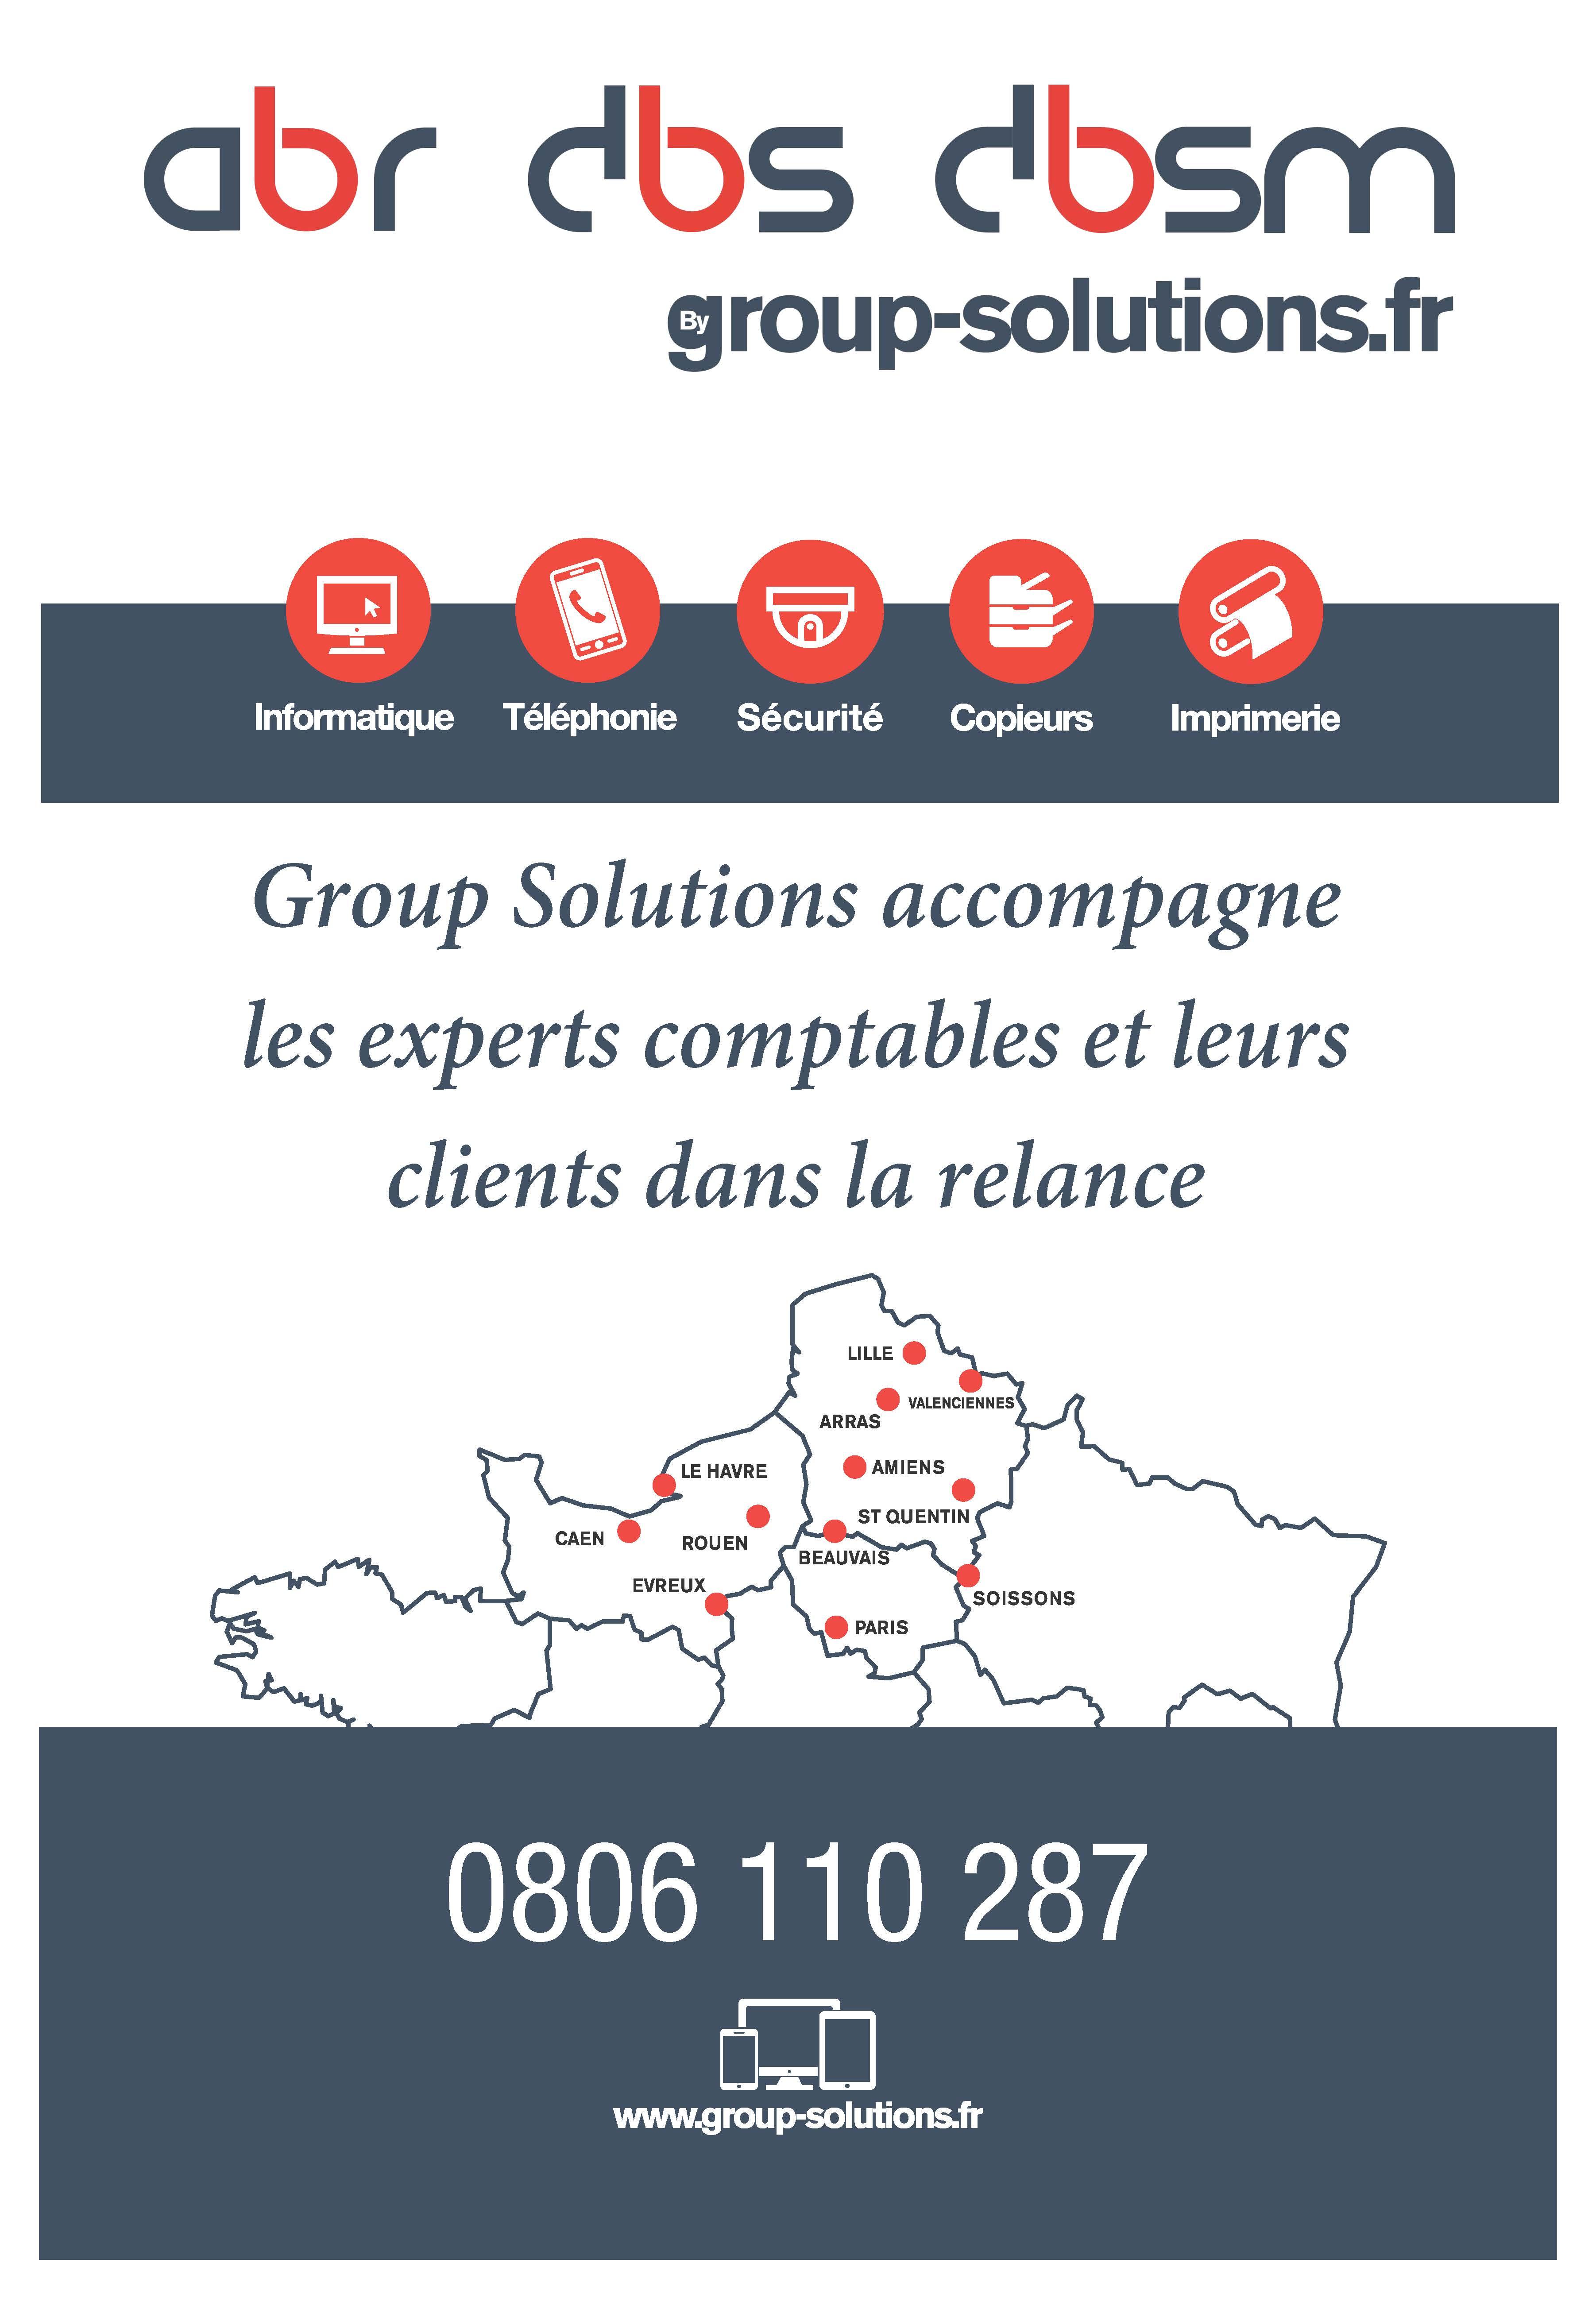 Group Solutions accompagne les experts comptables et leurs clients dans la relance !